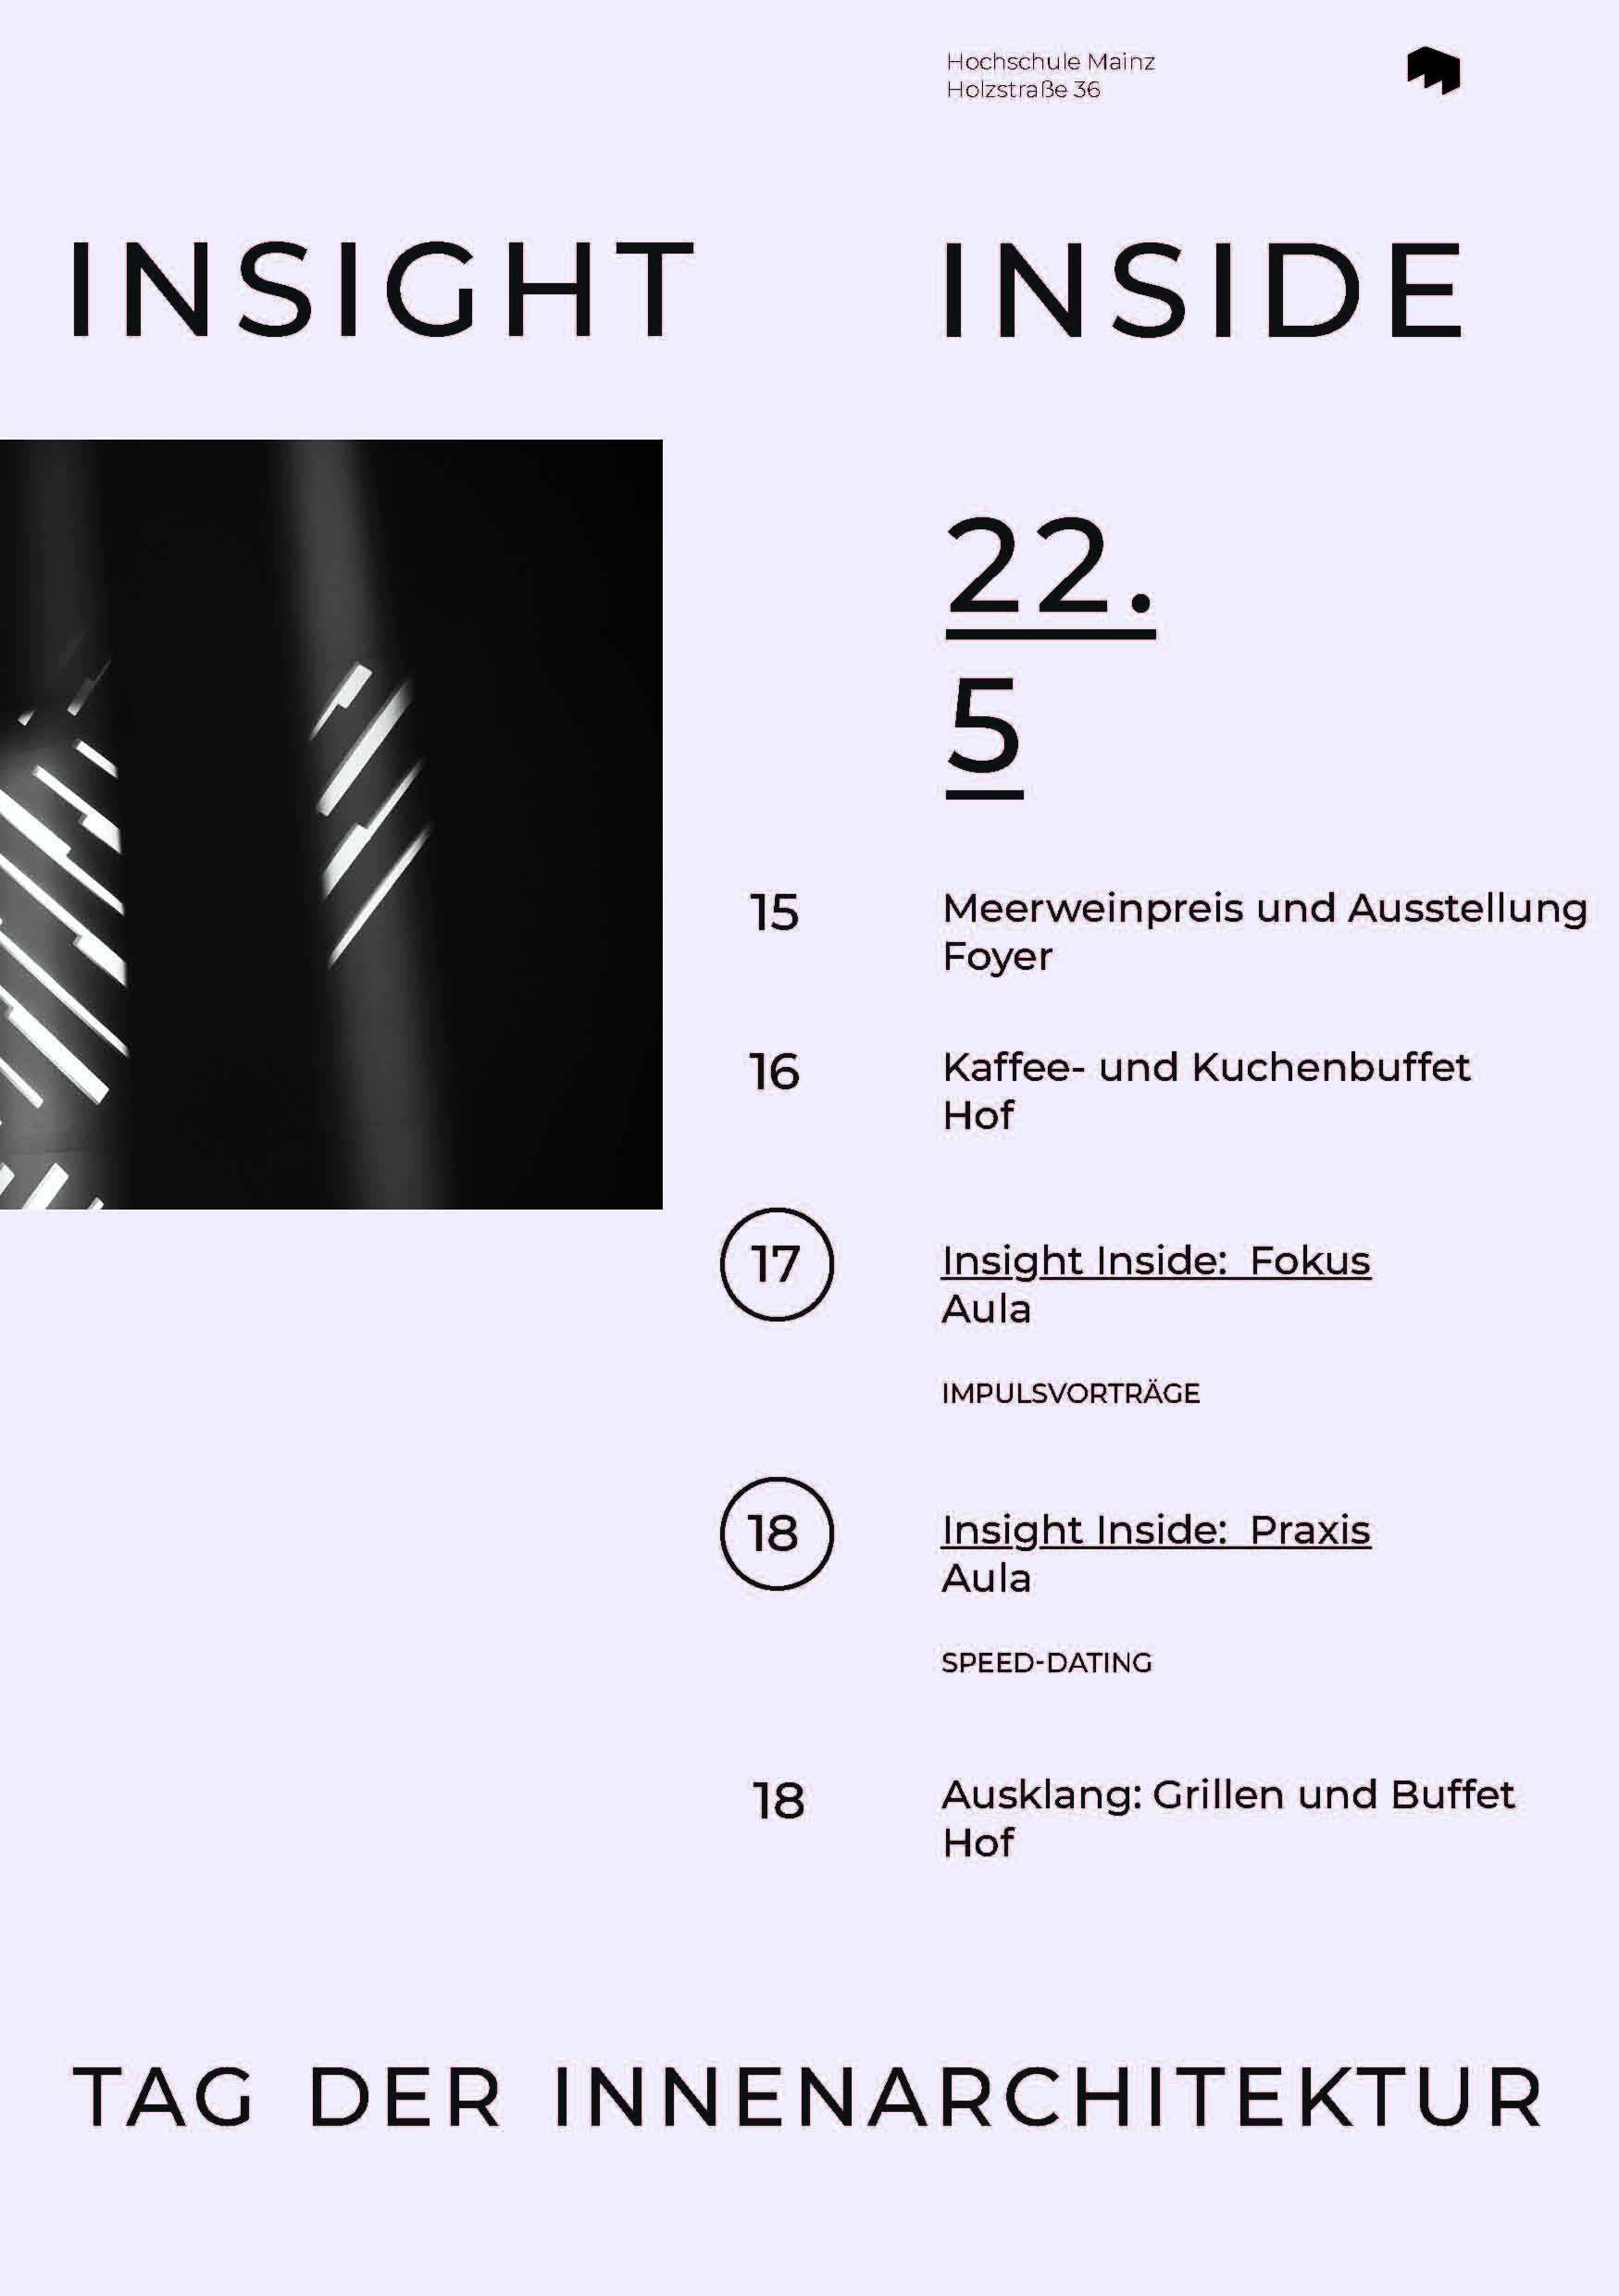 Vortrag zum Tag der Innenarchitektur der Hochschule Mainz